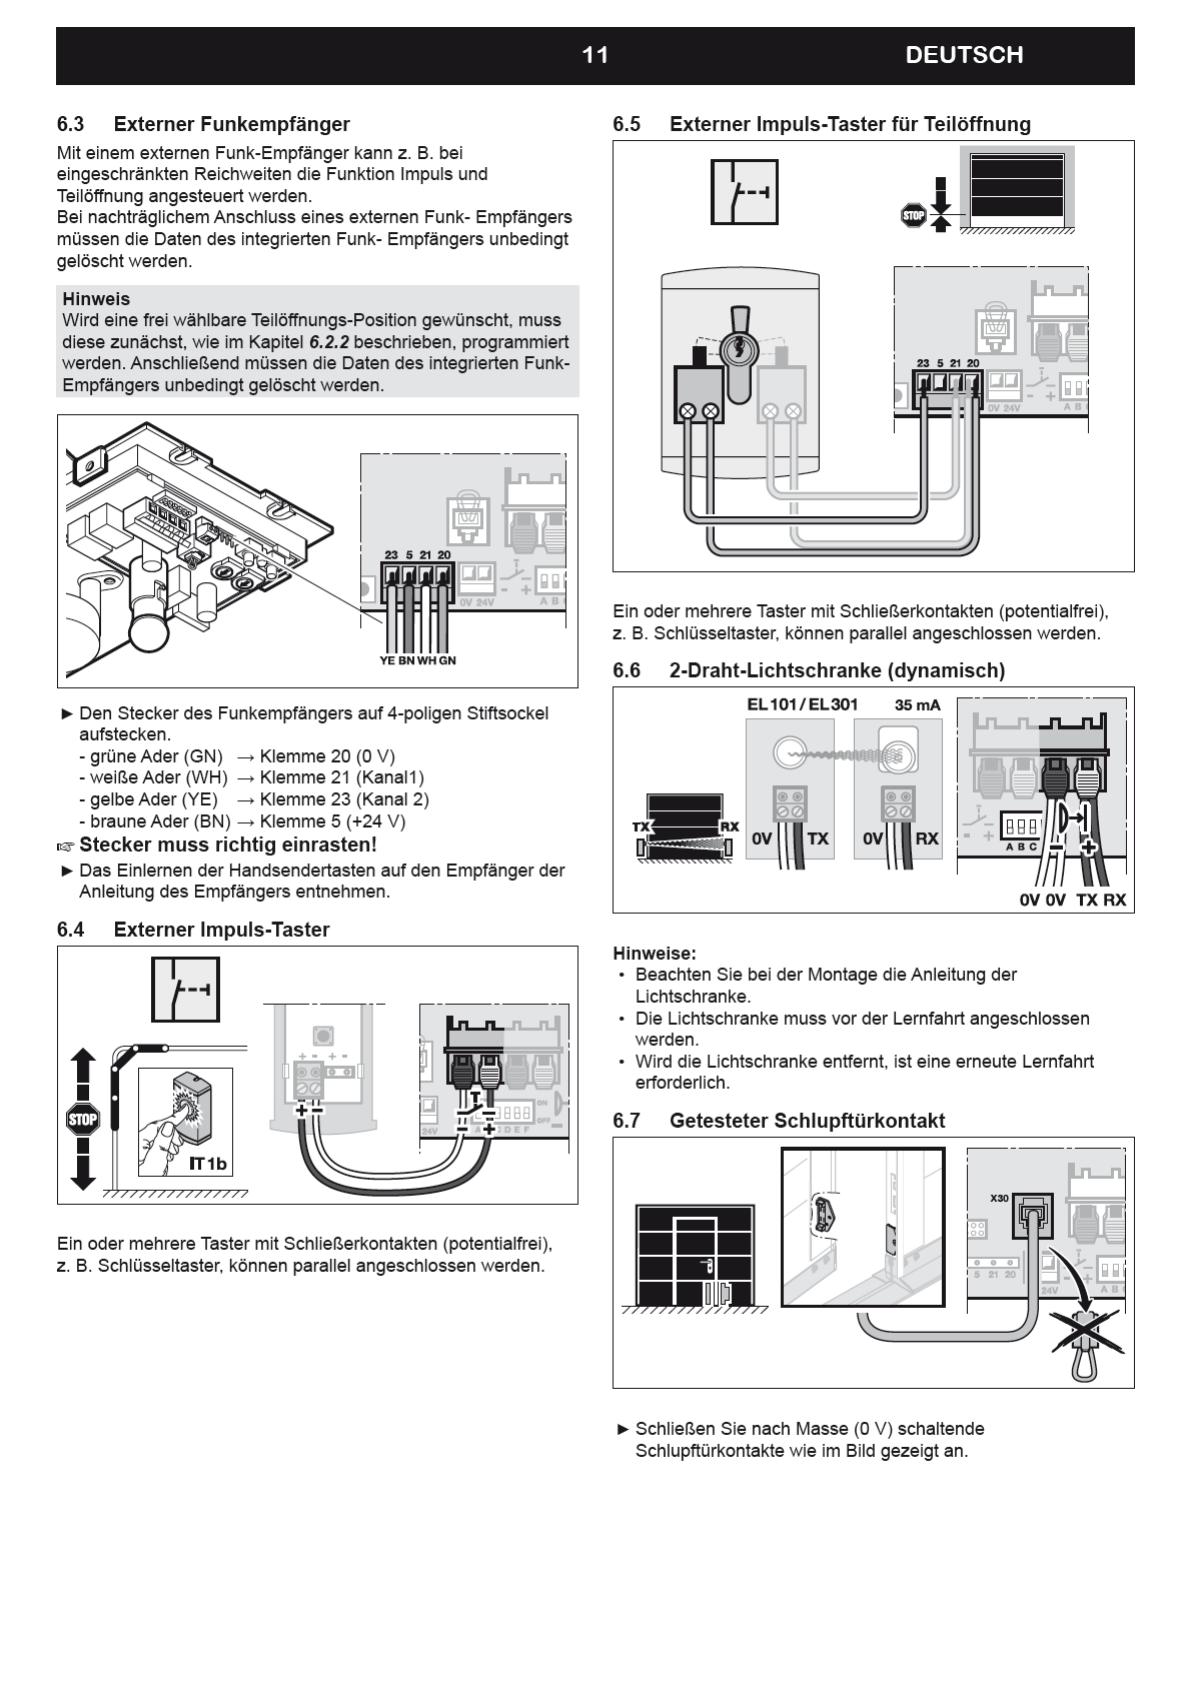 Gemütlich 220 Volt 3 Draht Buchse Bilder - Elektrische Schaltplan ...